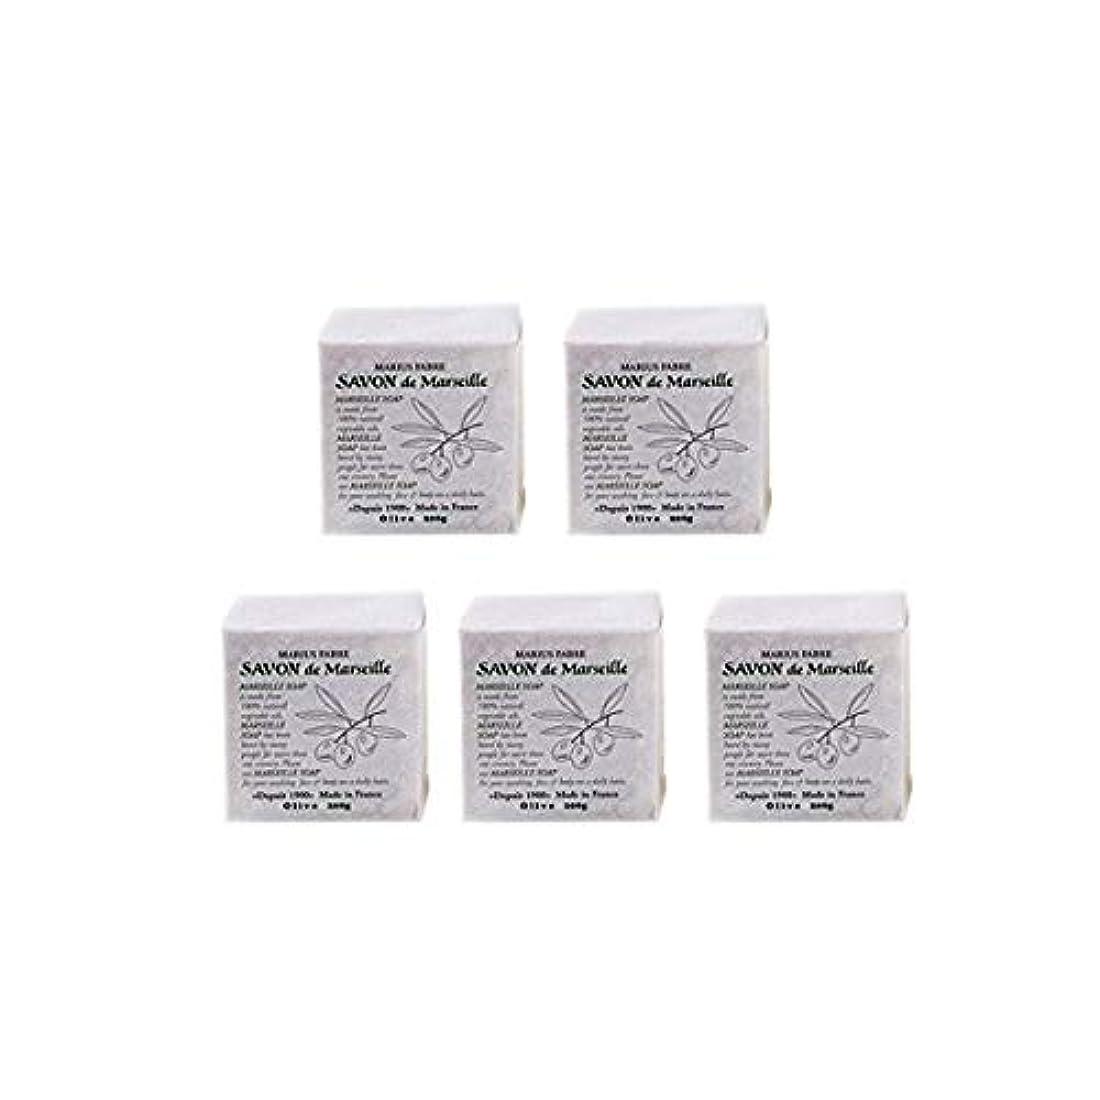 ニンニク灰心理的マリウスファーブルサボンドマルセイユ無香料オリーブN(無香料)5個セット(200g×5個)マリウスファーブルのマルセイユ石鹸 無香料